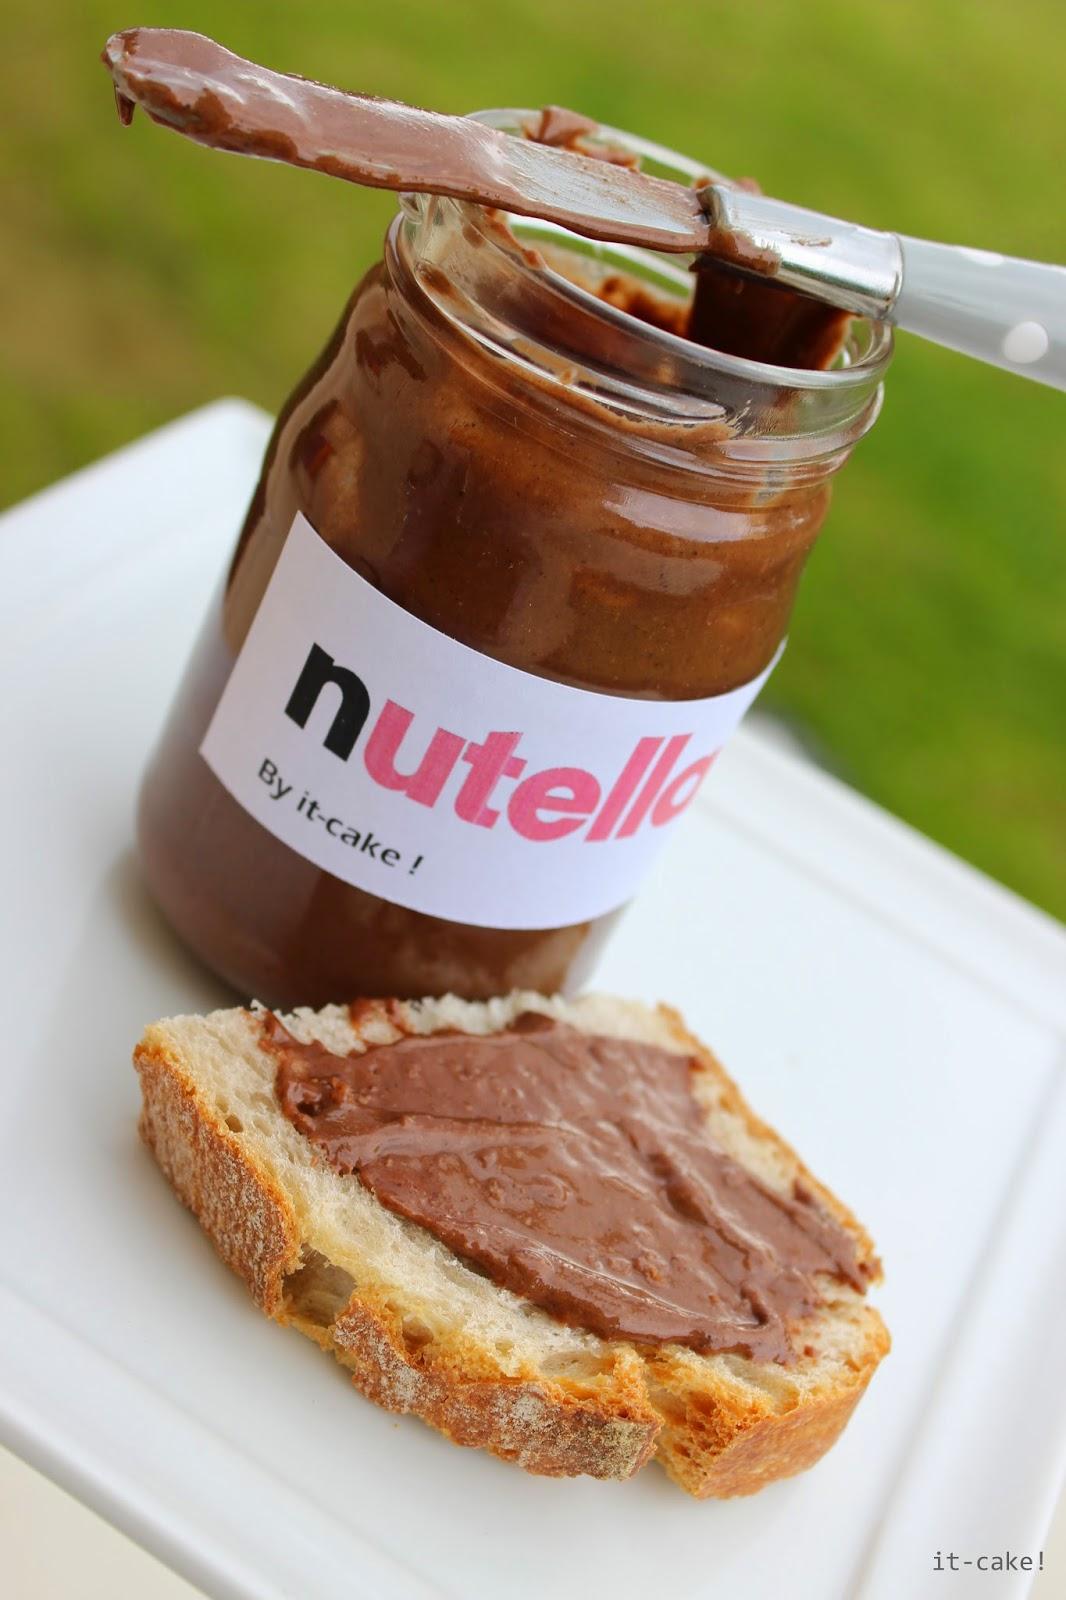 It cake p te tartiner nutella maison poisson d 39 avril - Nutella maison lait concentre ...